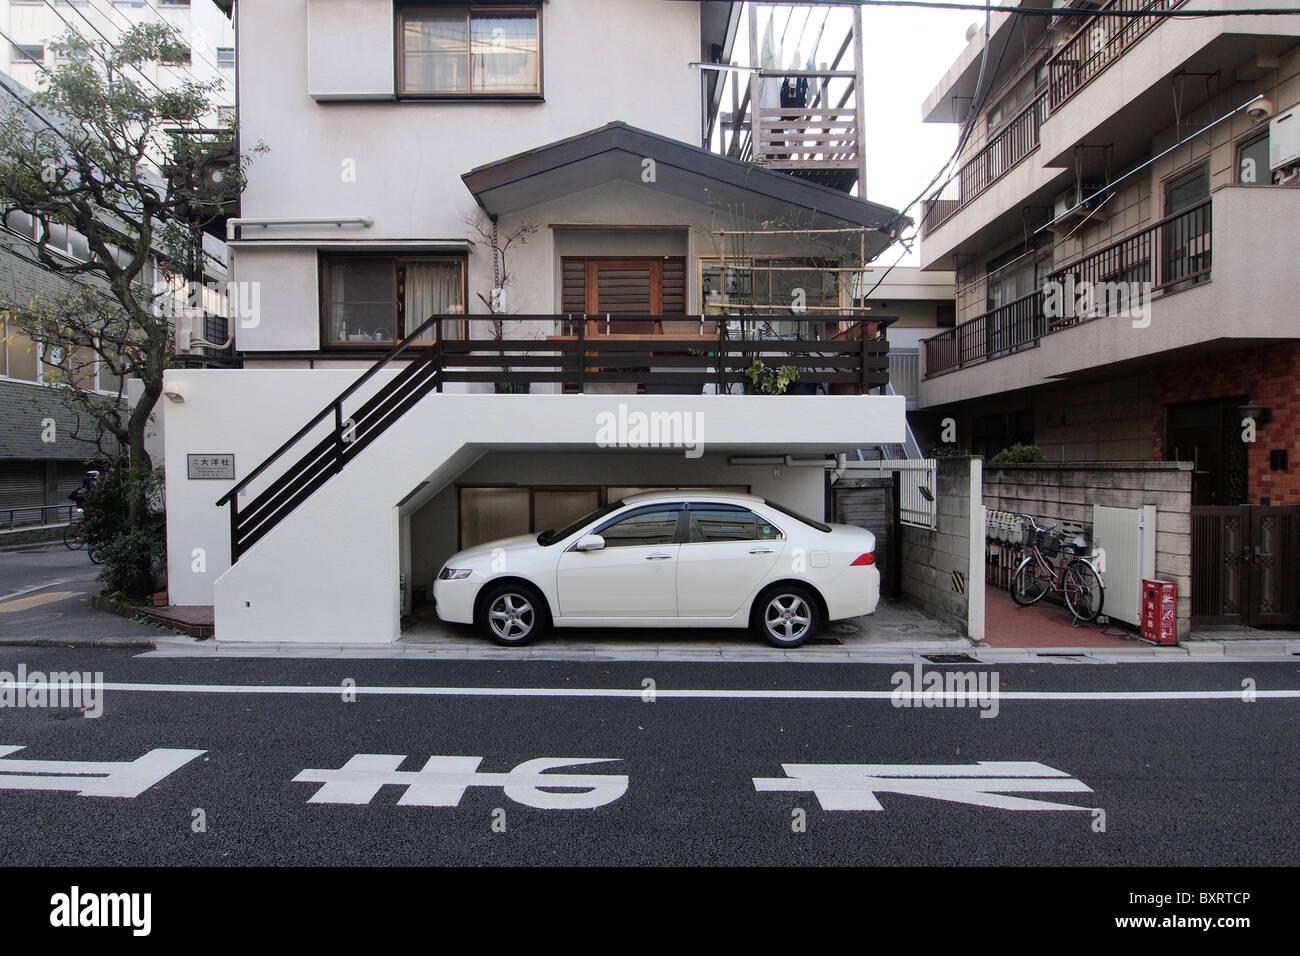 kompakte Wohnungsbau in Tokio Leben eng Stockbild